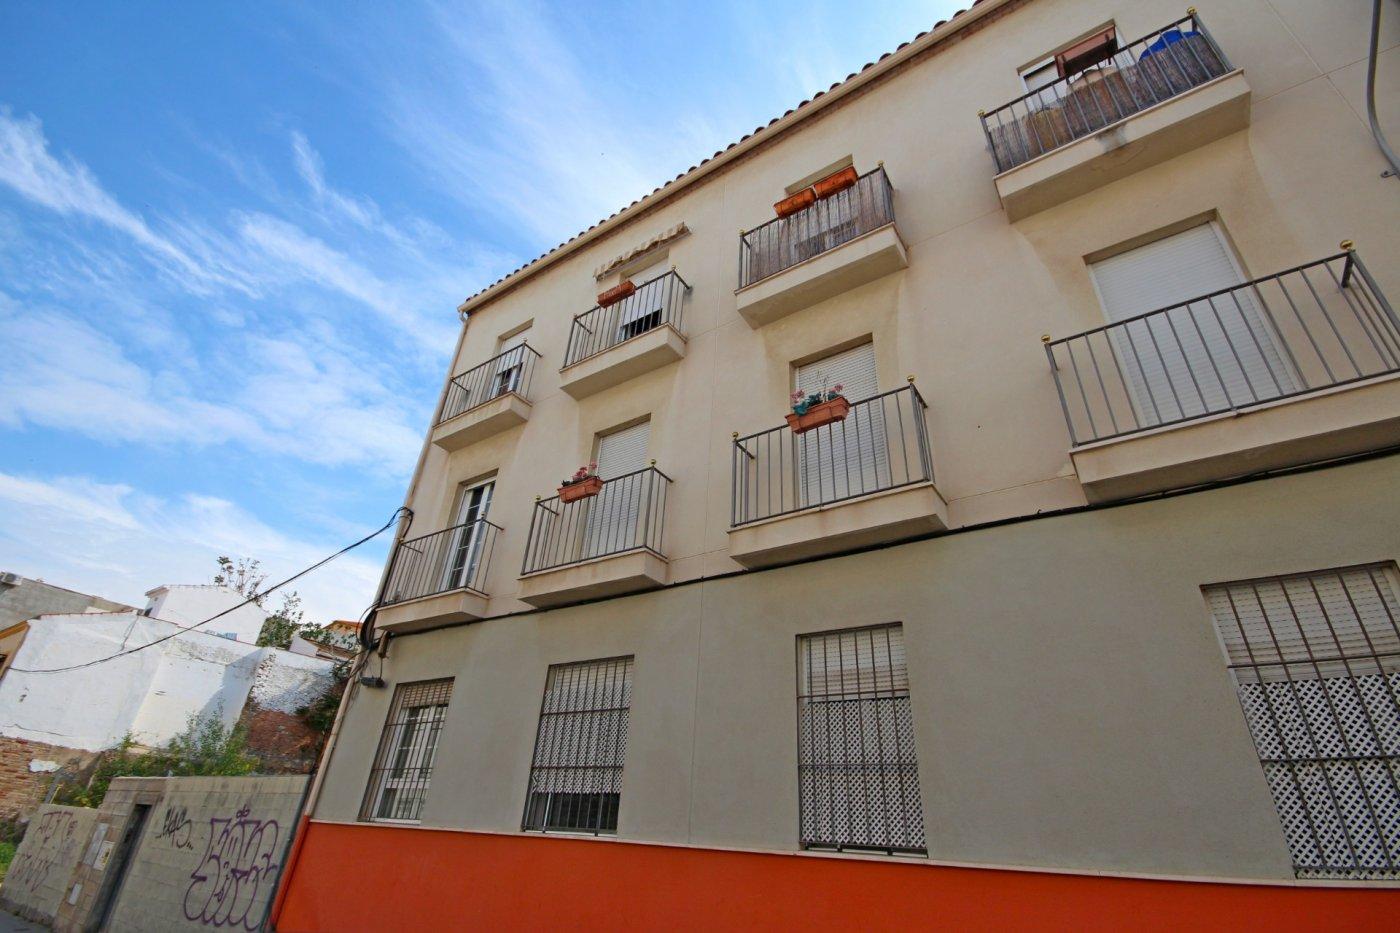 Piso dos dormitorios con garaje a un paso del centro histórico - imagenInmueble0